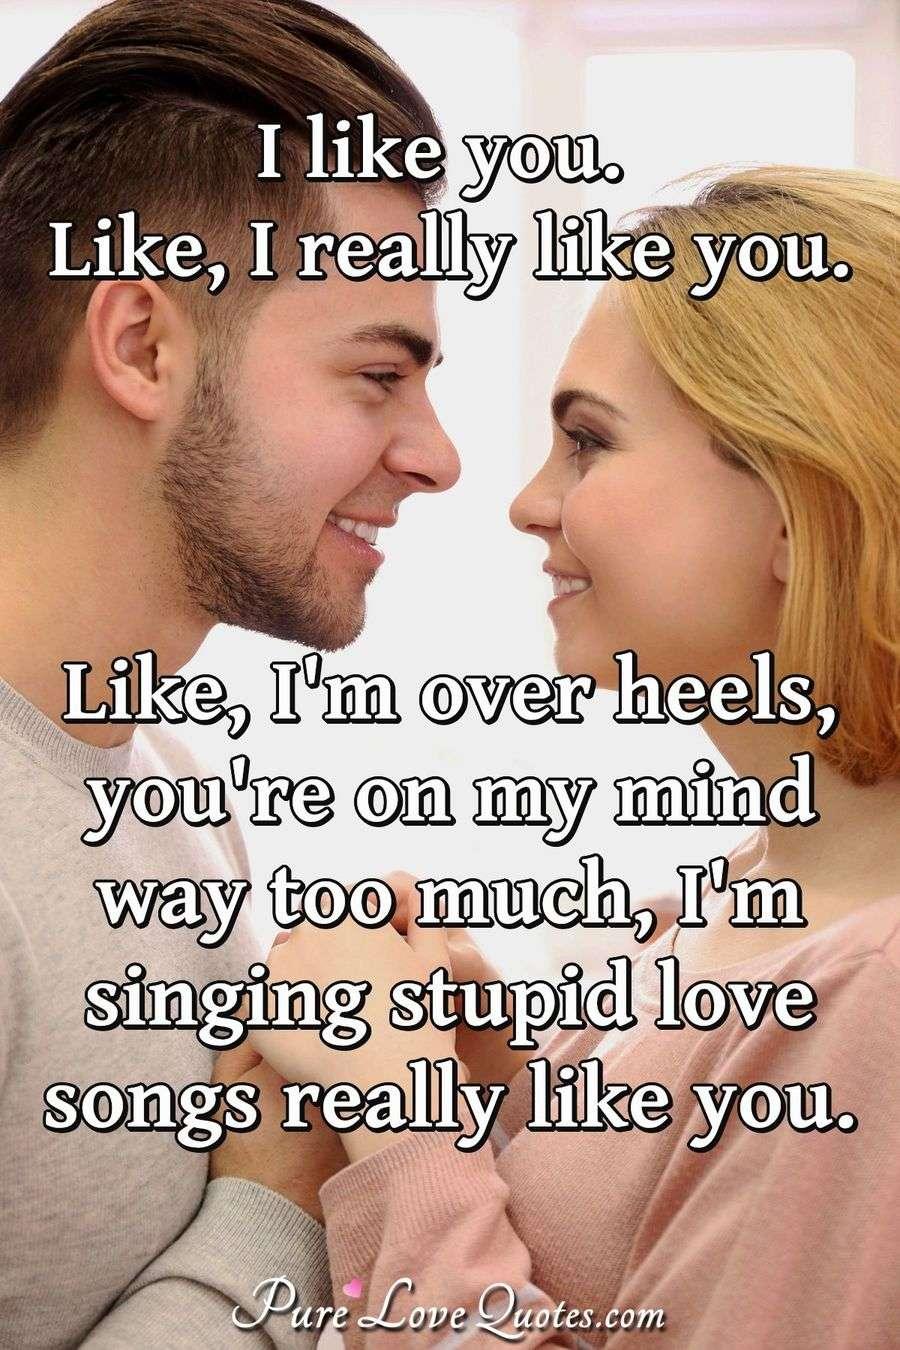 I Love You Like Quotes: I Like You. Like, I Really Like You. Like, I'm Over Heels